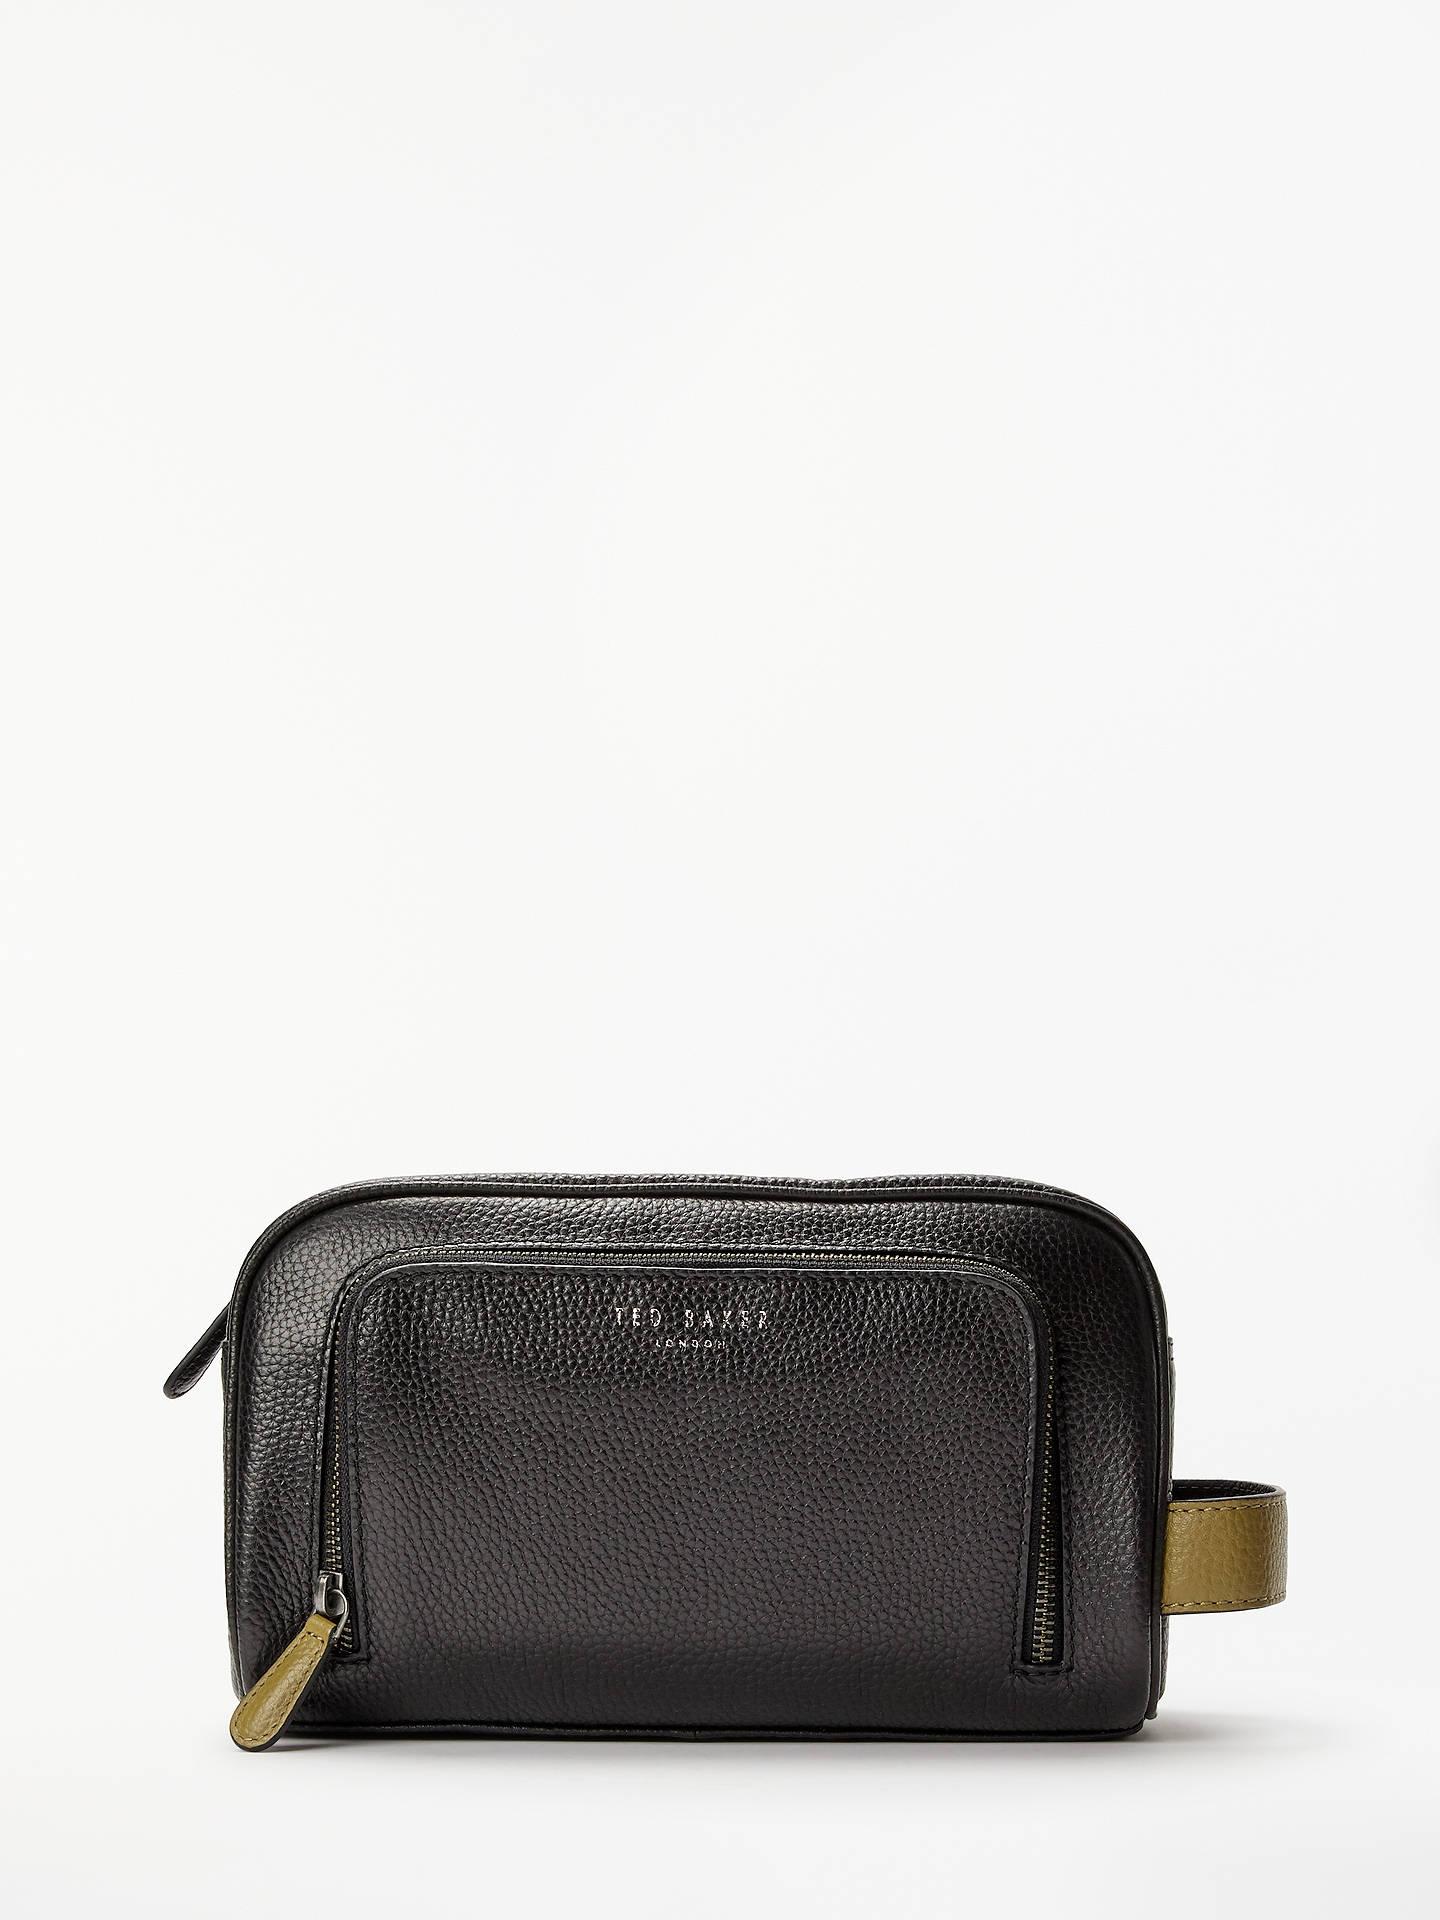 BuyTed Baker Soaps Leather Washbag, Black Online at johnlewis.com ... 0fa6b50629